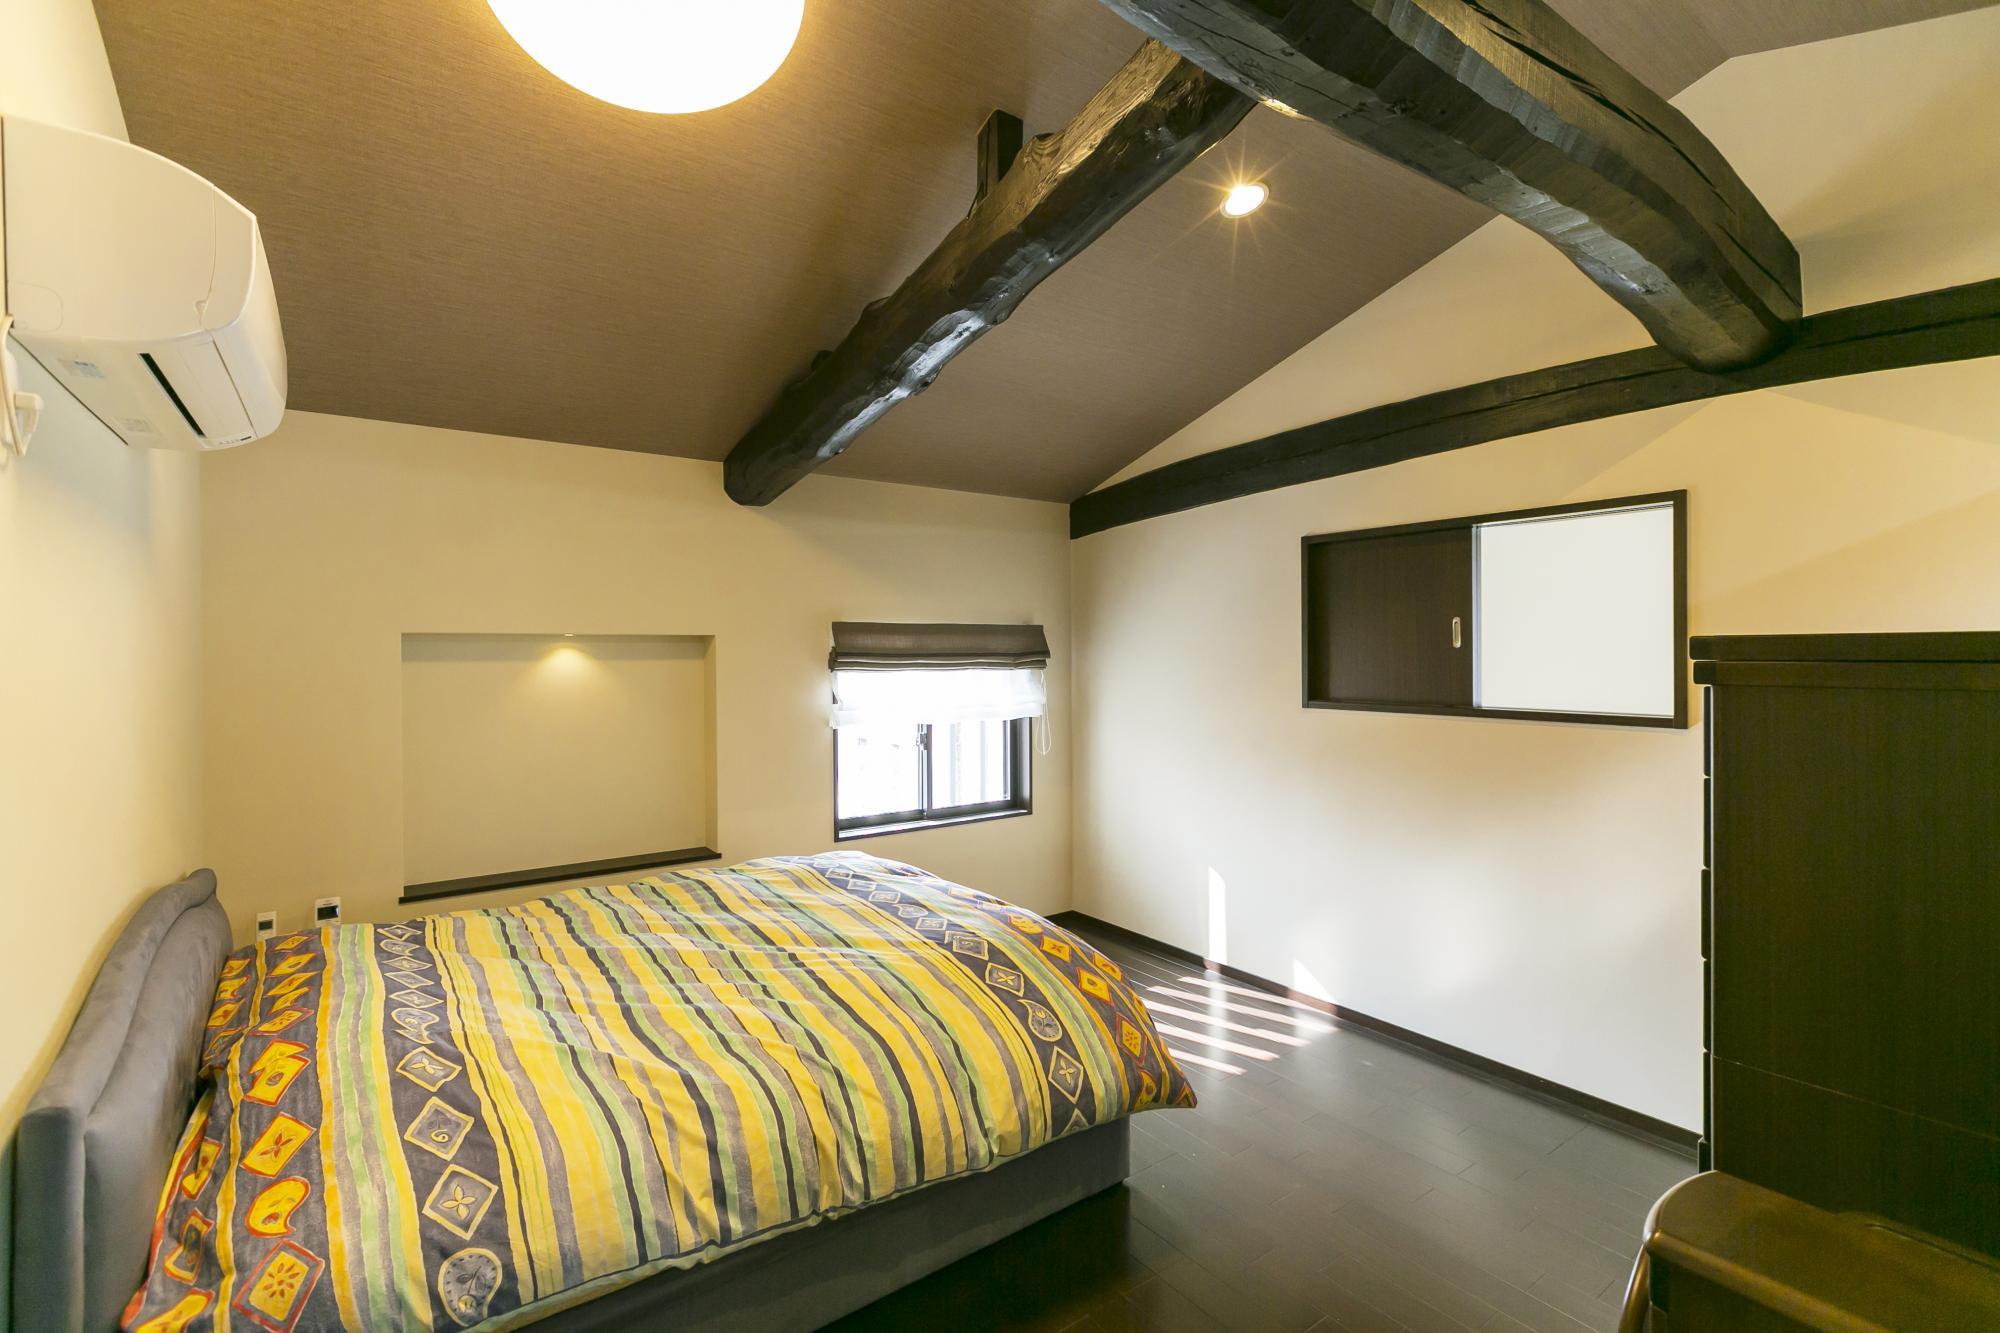 2階はご夫婦の寝室。天井が低くて圧迫感があったため、天井梁を見せて開放感と木の温もりが感じられる空間に仕上げている。